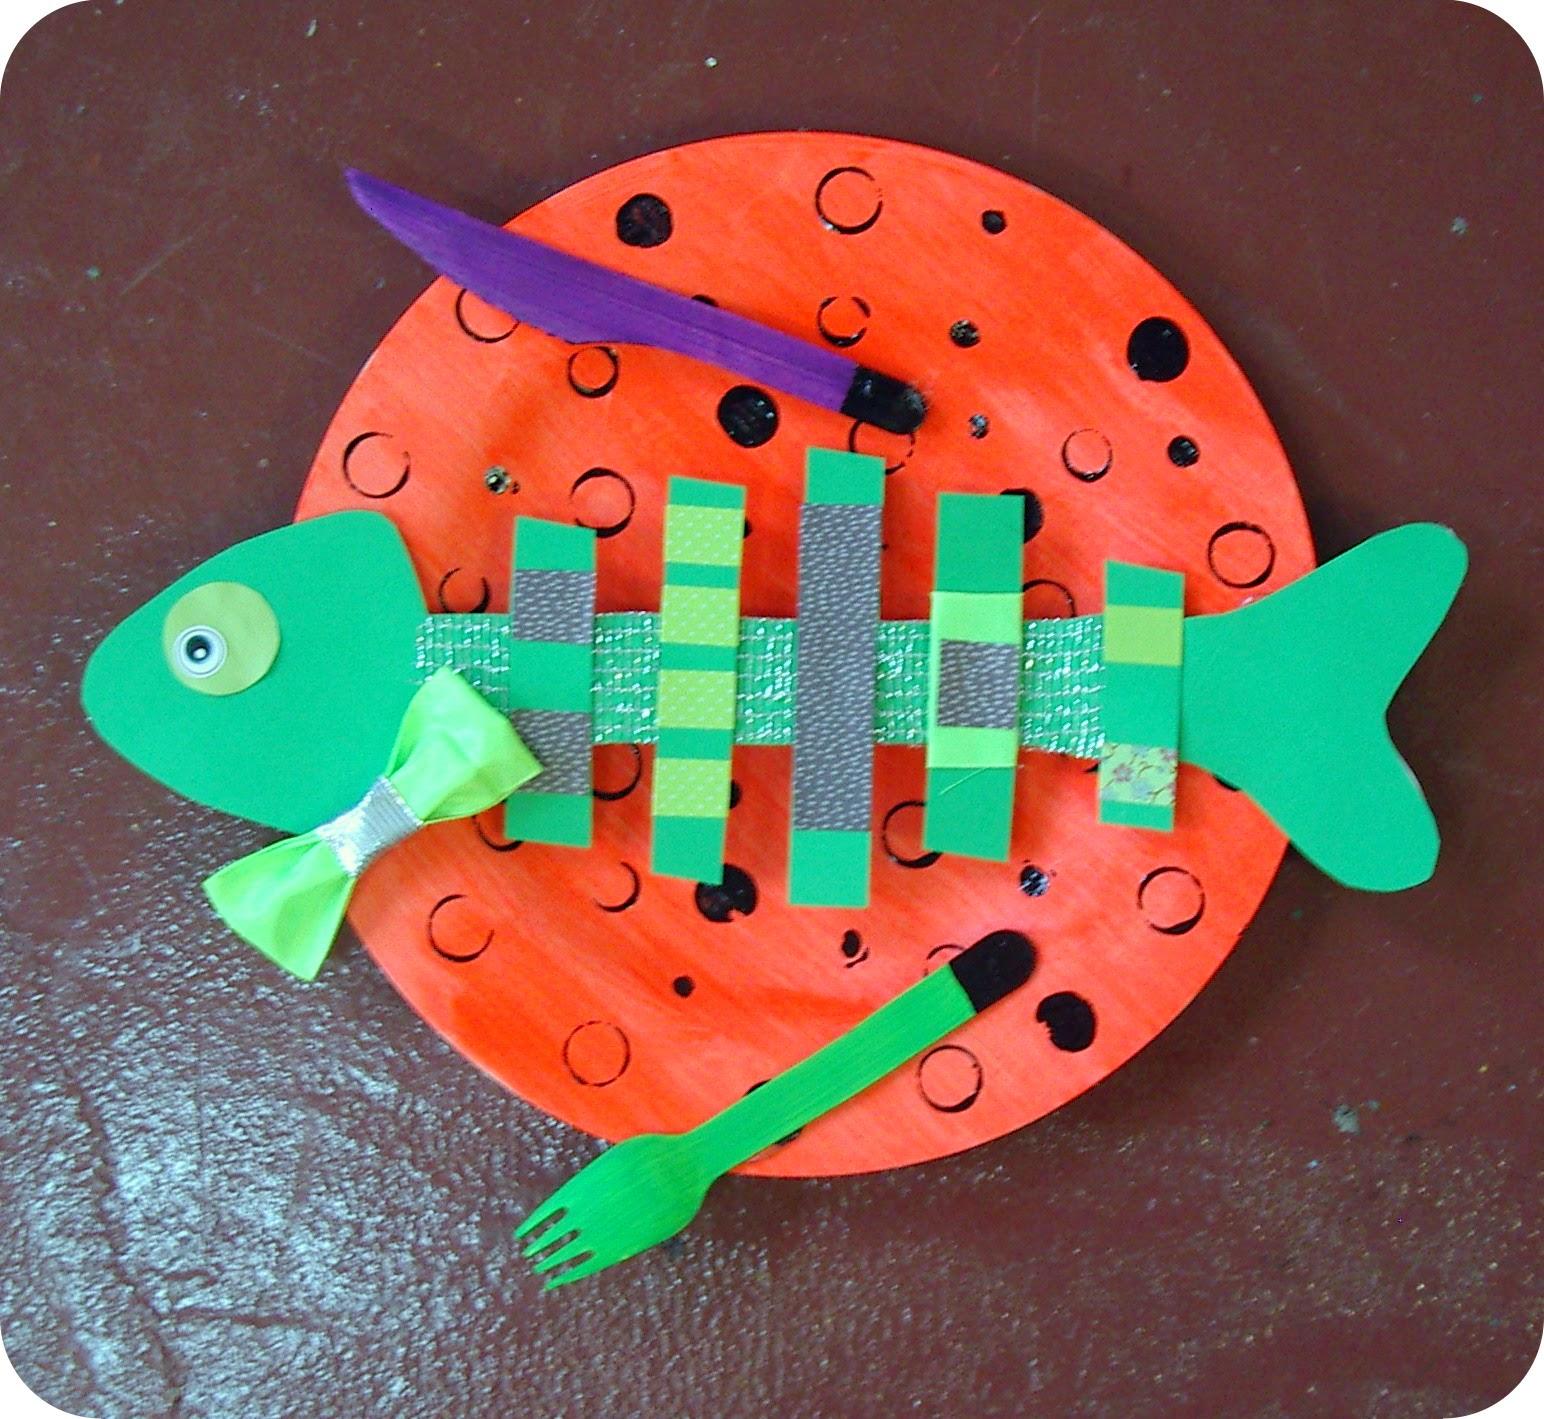 Micka lle delam poissons d 39 avril l 39 atelier de dessin - Poisson en maternelle ...